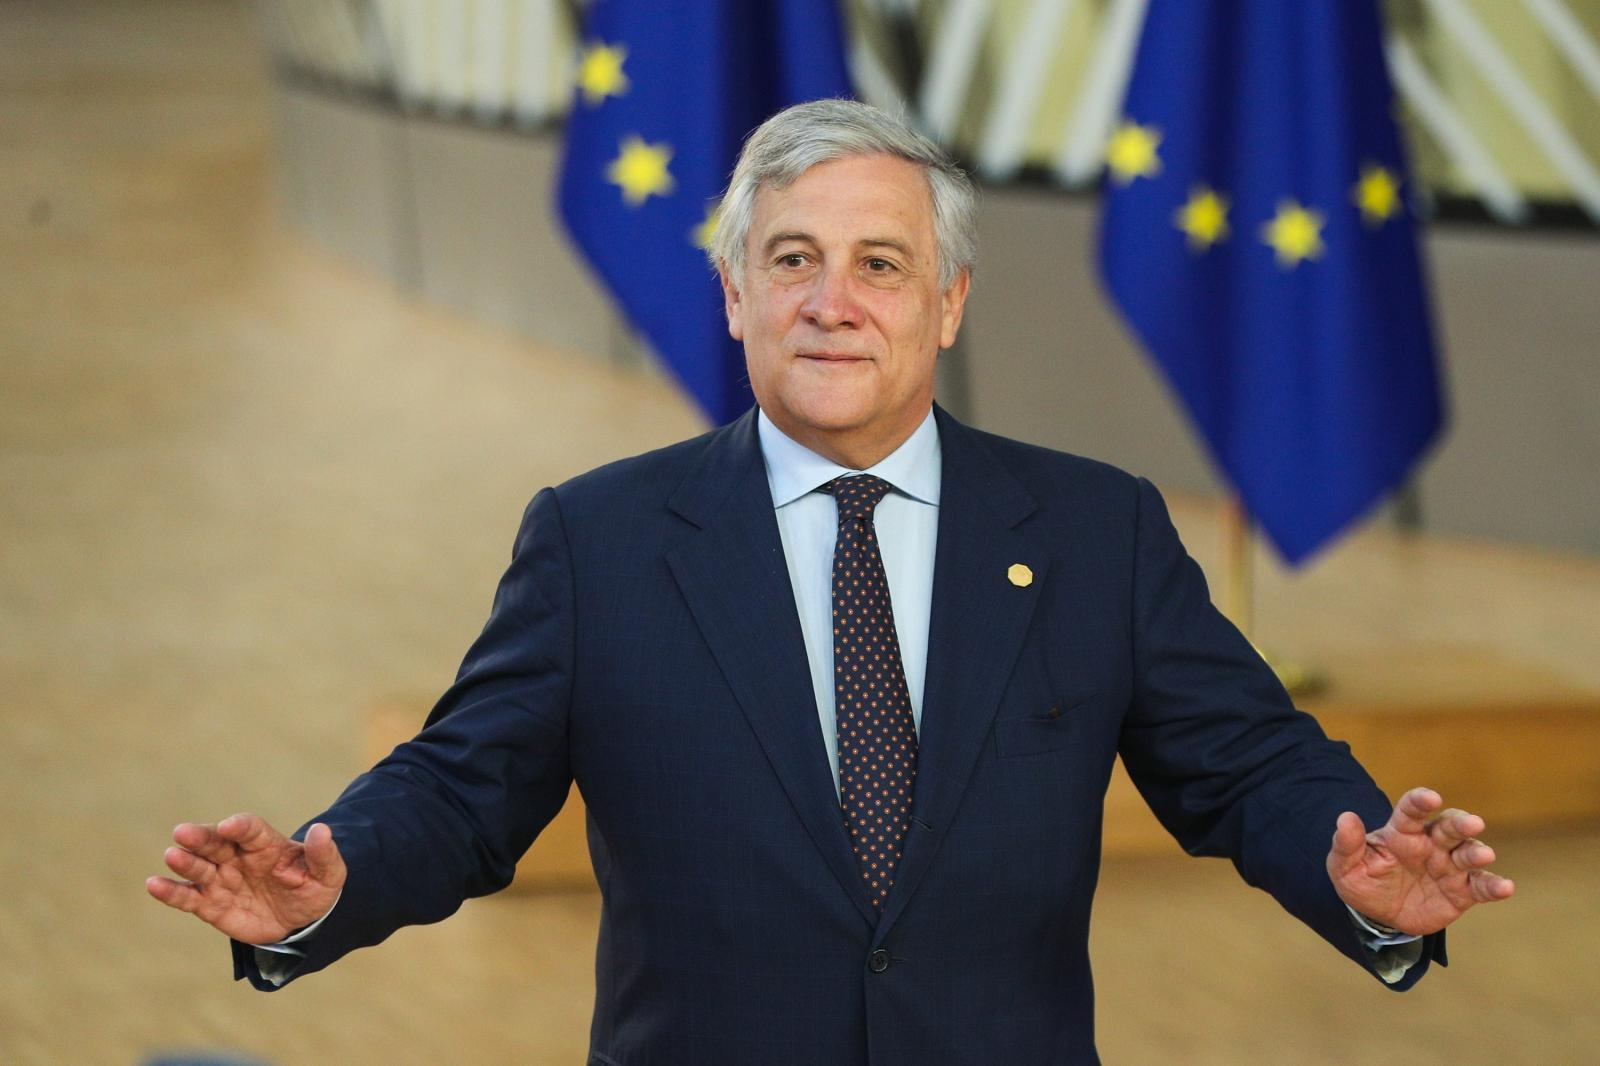 Antonio Tajani Vir:Pixsell